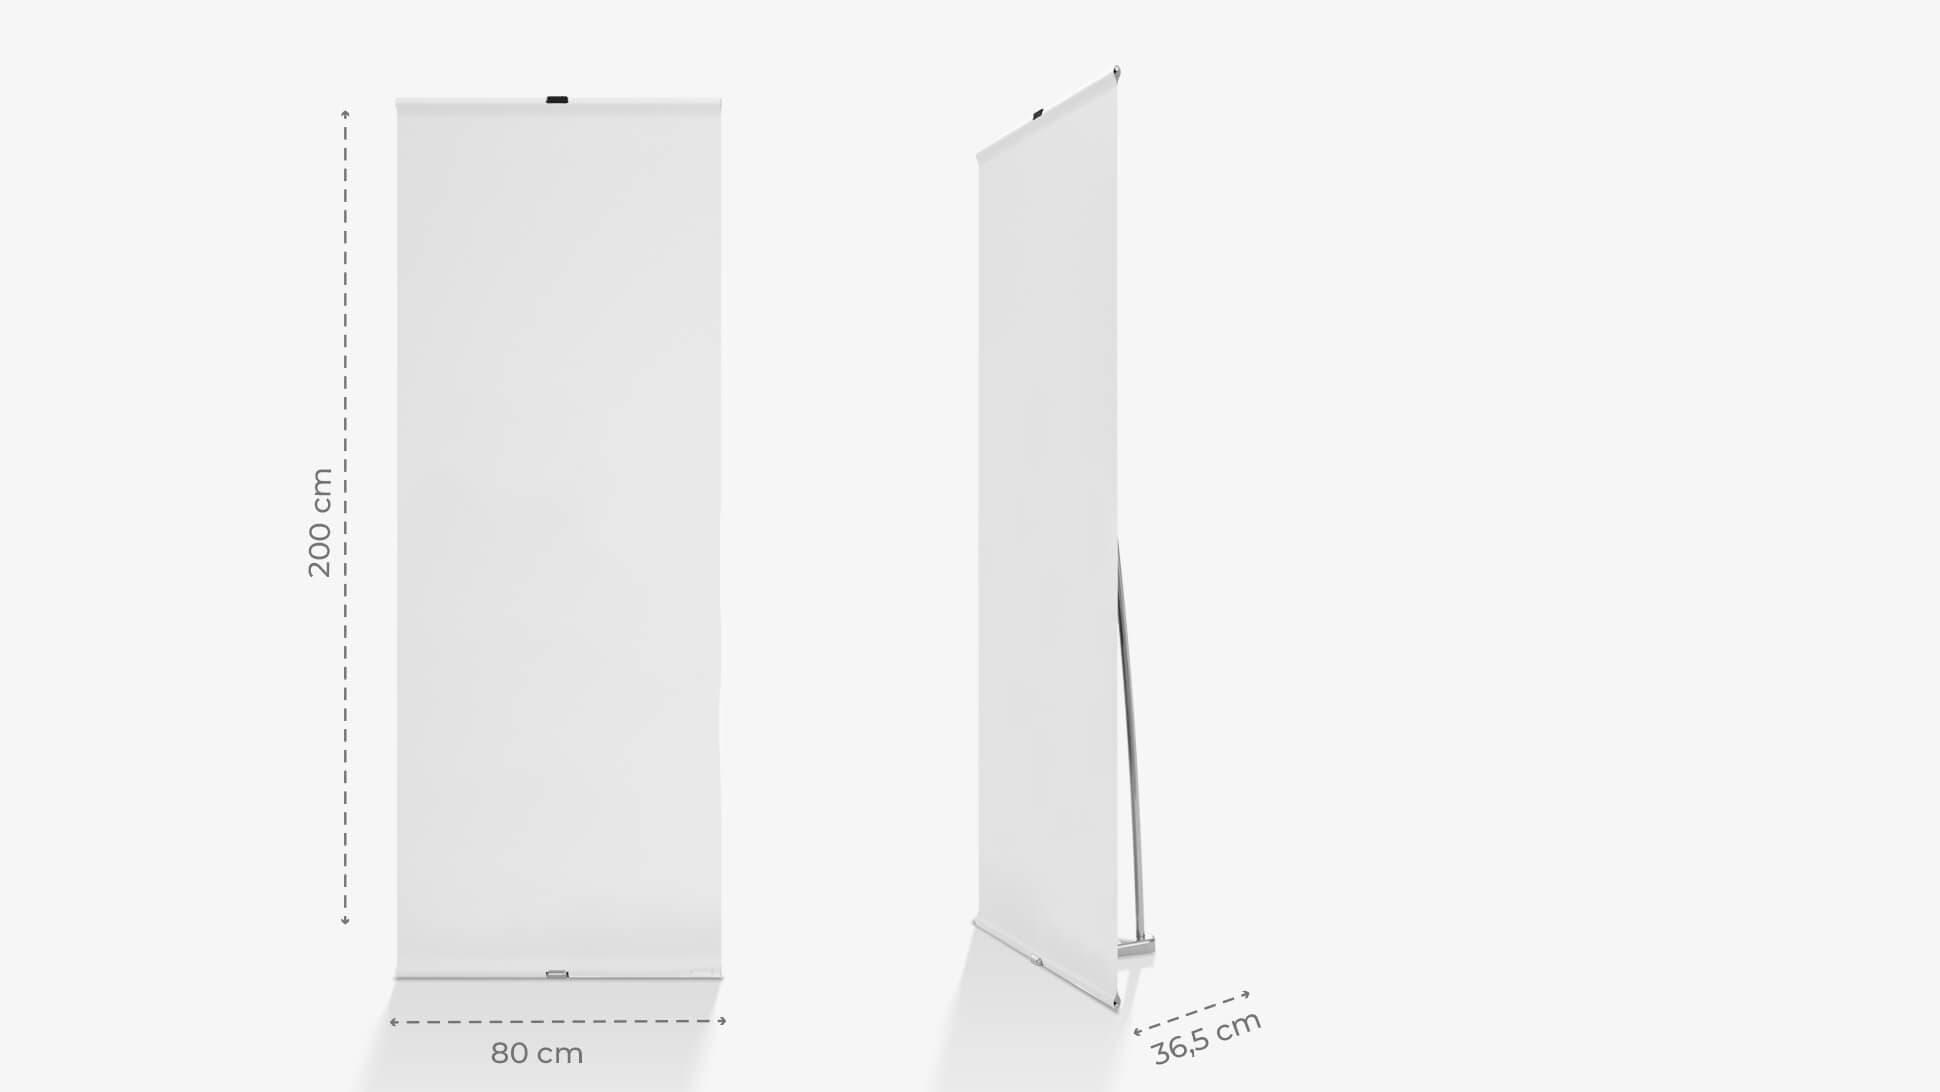 Espositore con struttura leggera in alluminio neutro | tictac.it